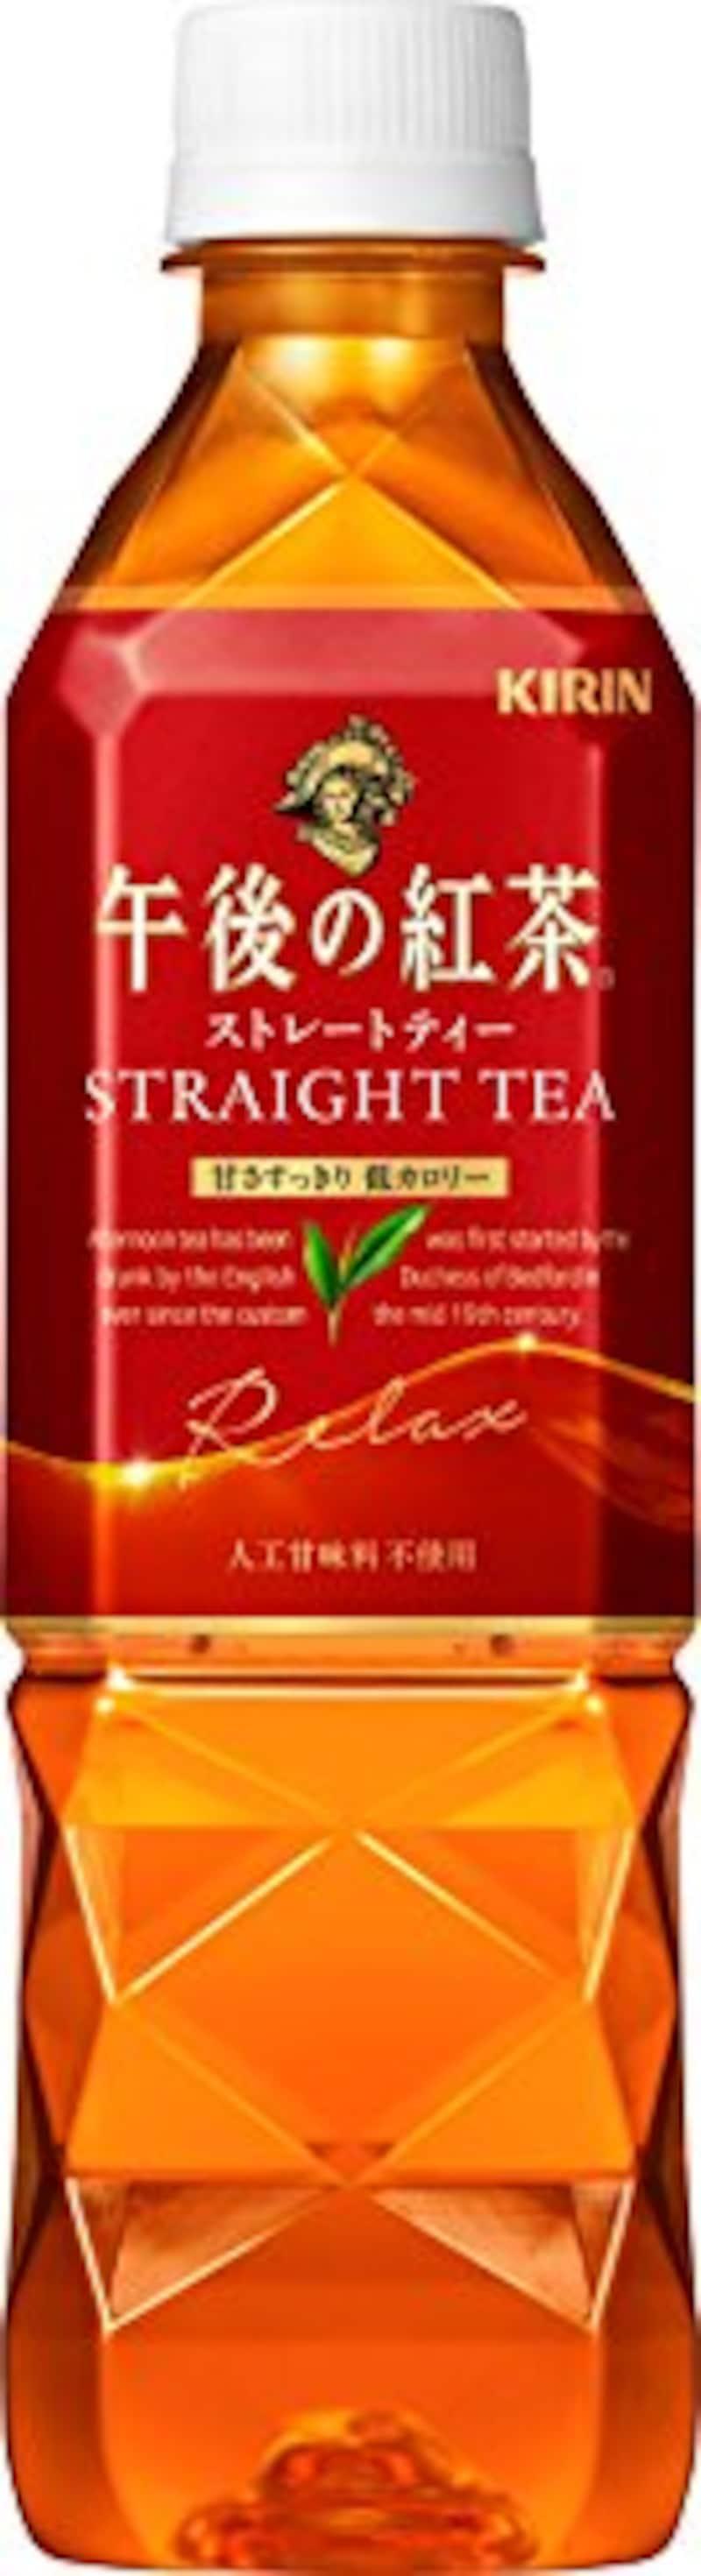 キリン,午後の紅茶 ストレートティー